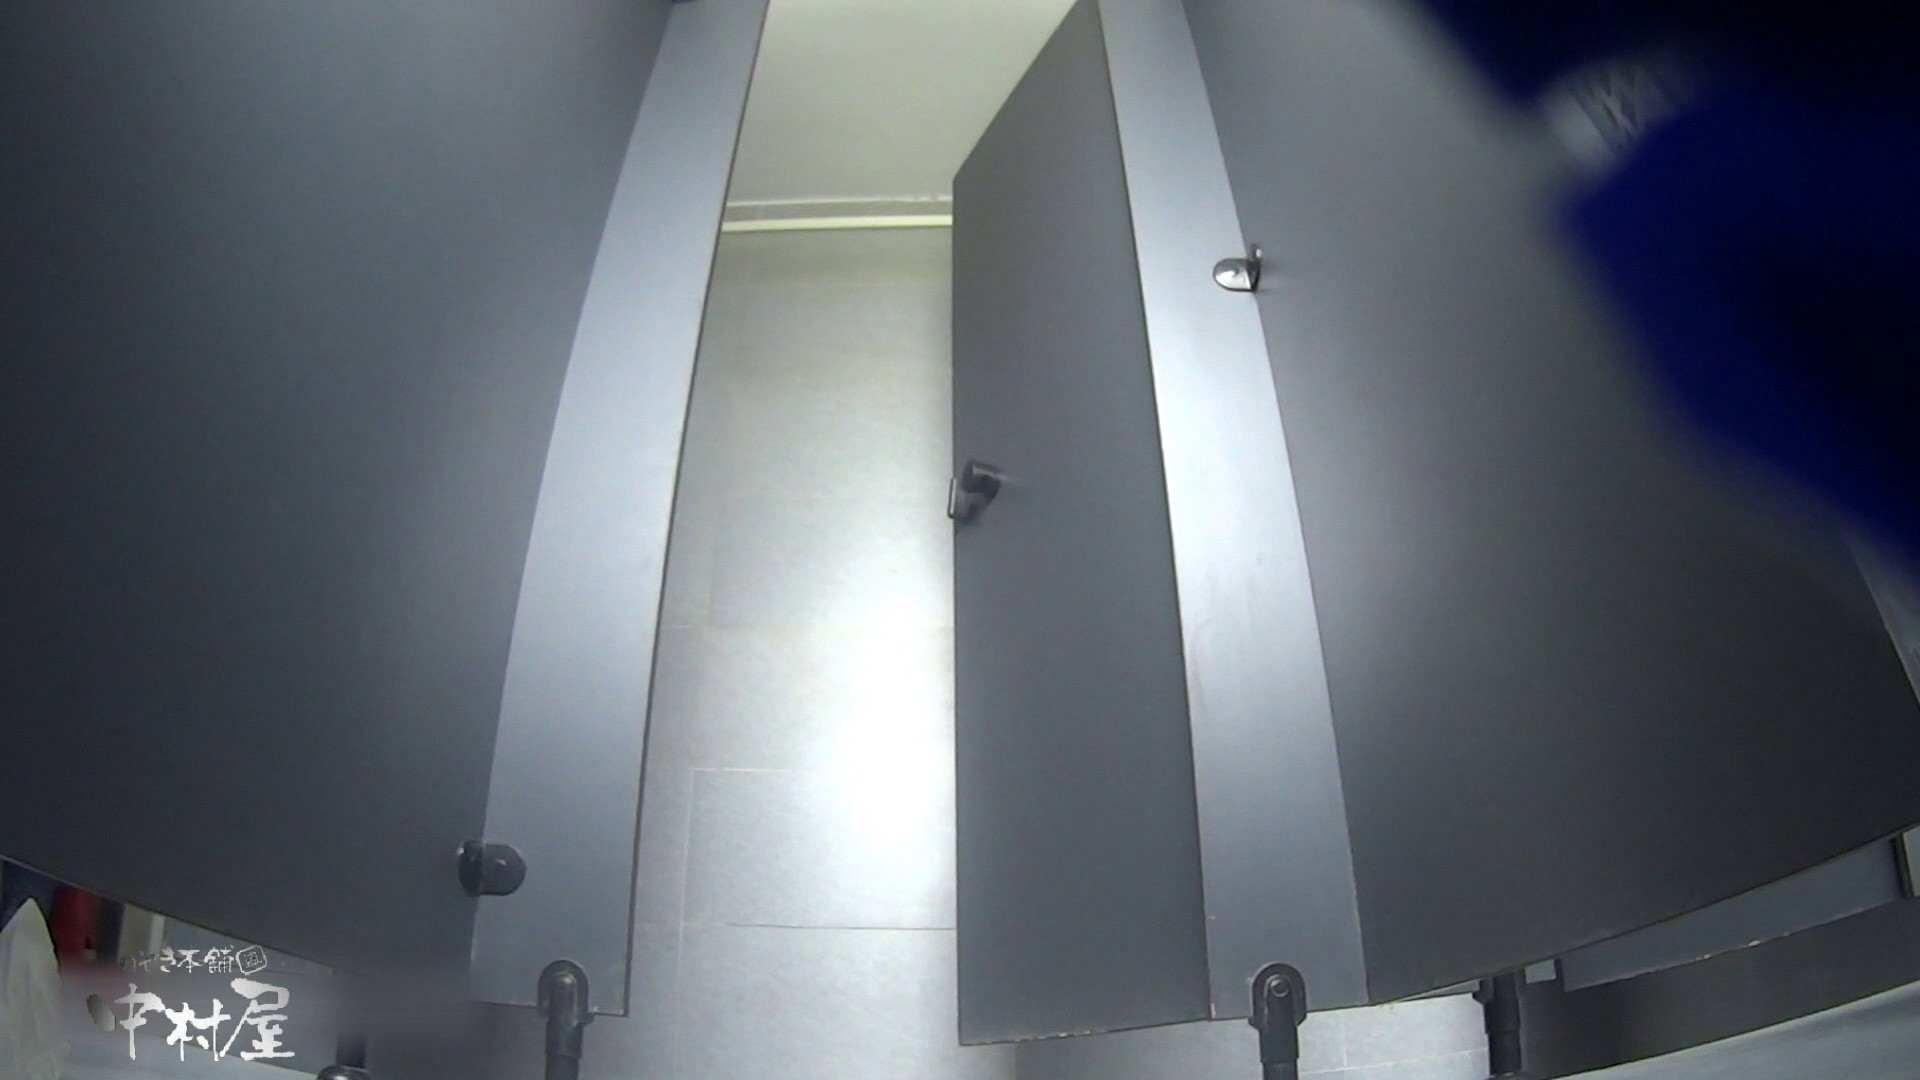 ツンデレお女市さんのトイレ事情 大学休憩時間の洗面所事情32 美女ヌード エロ画像 75画像 59